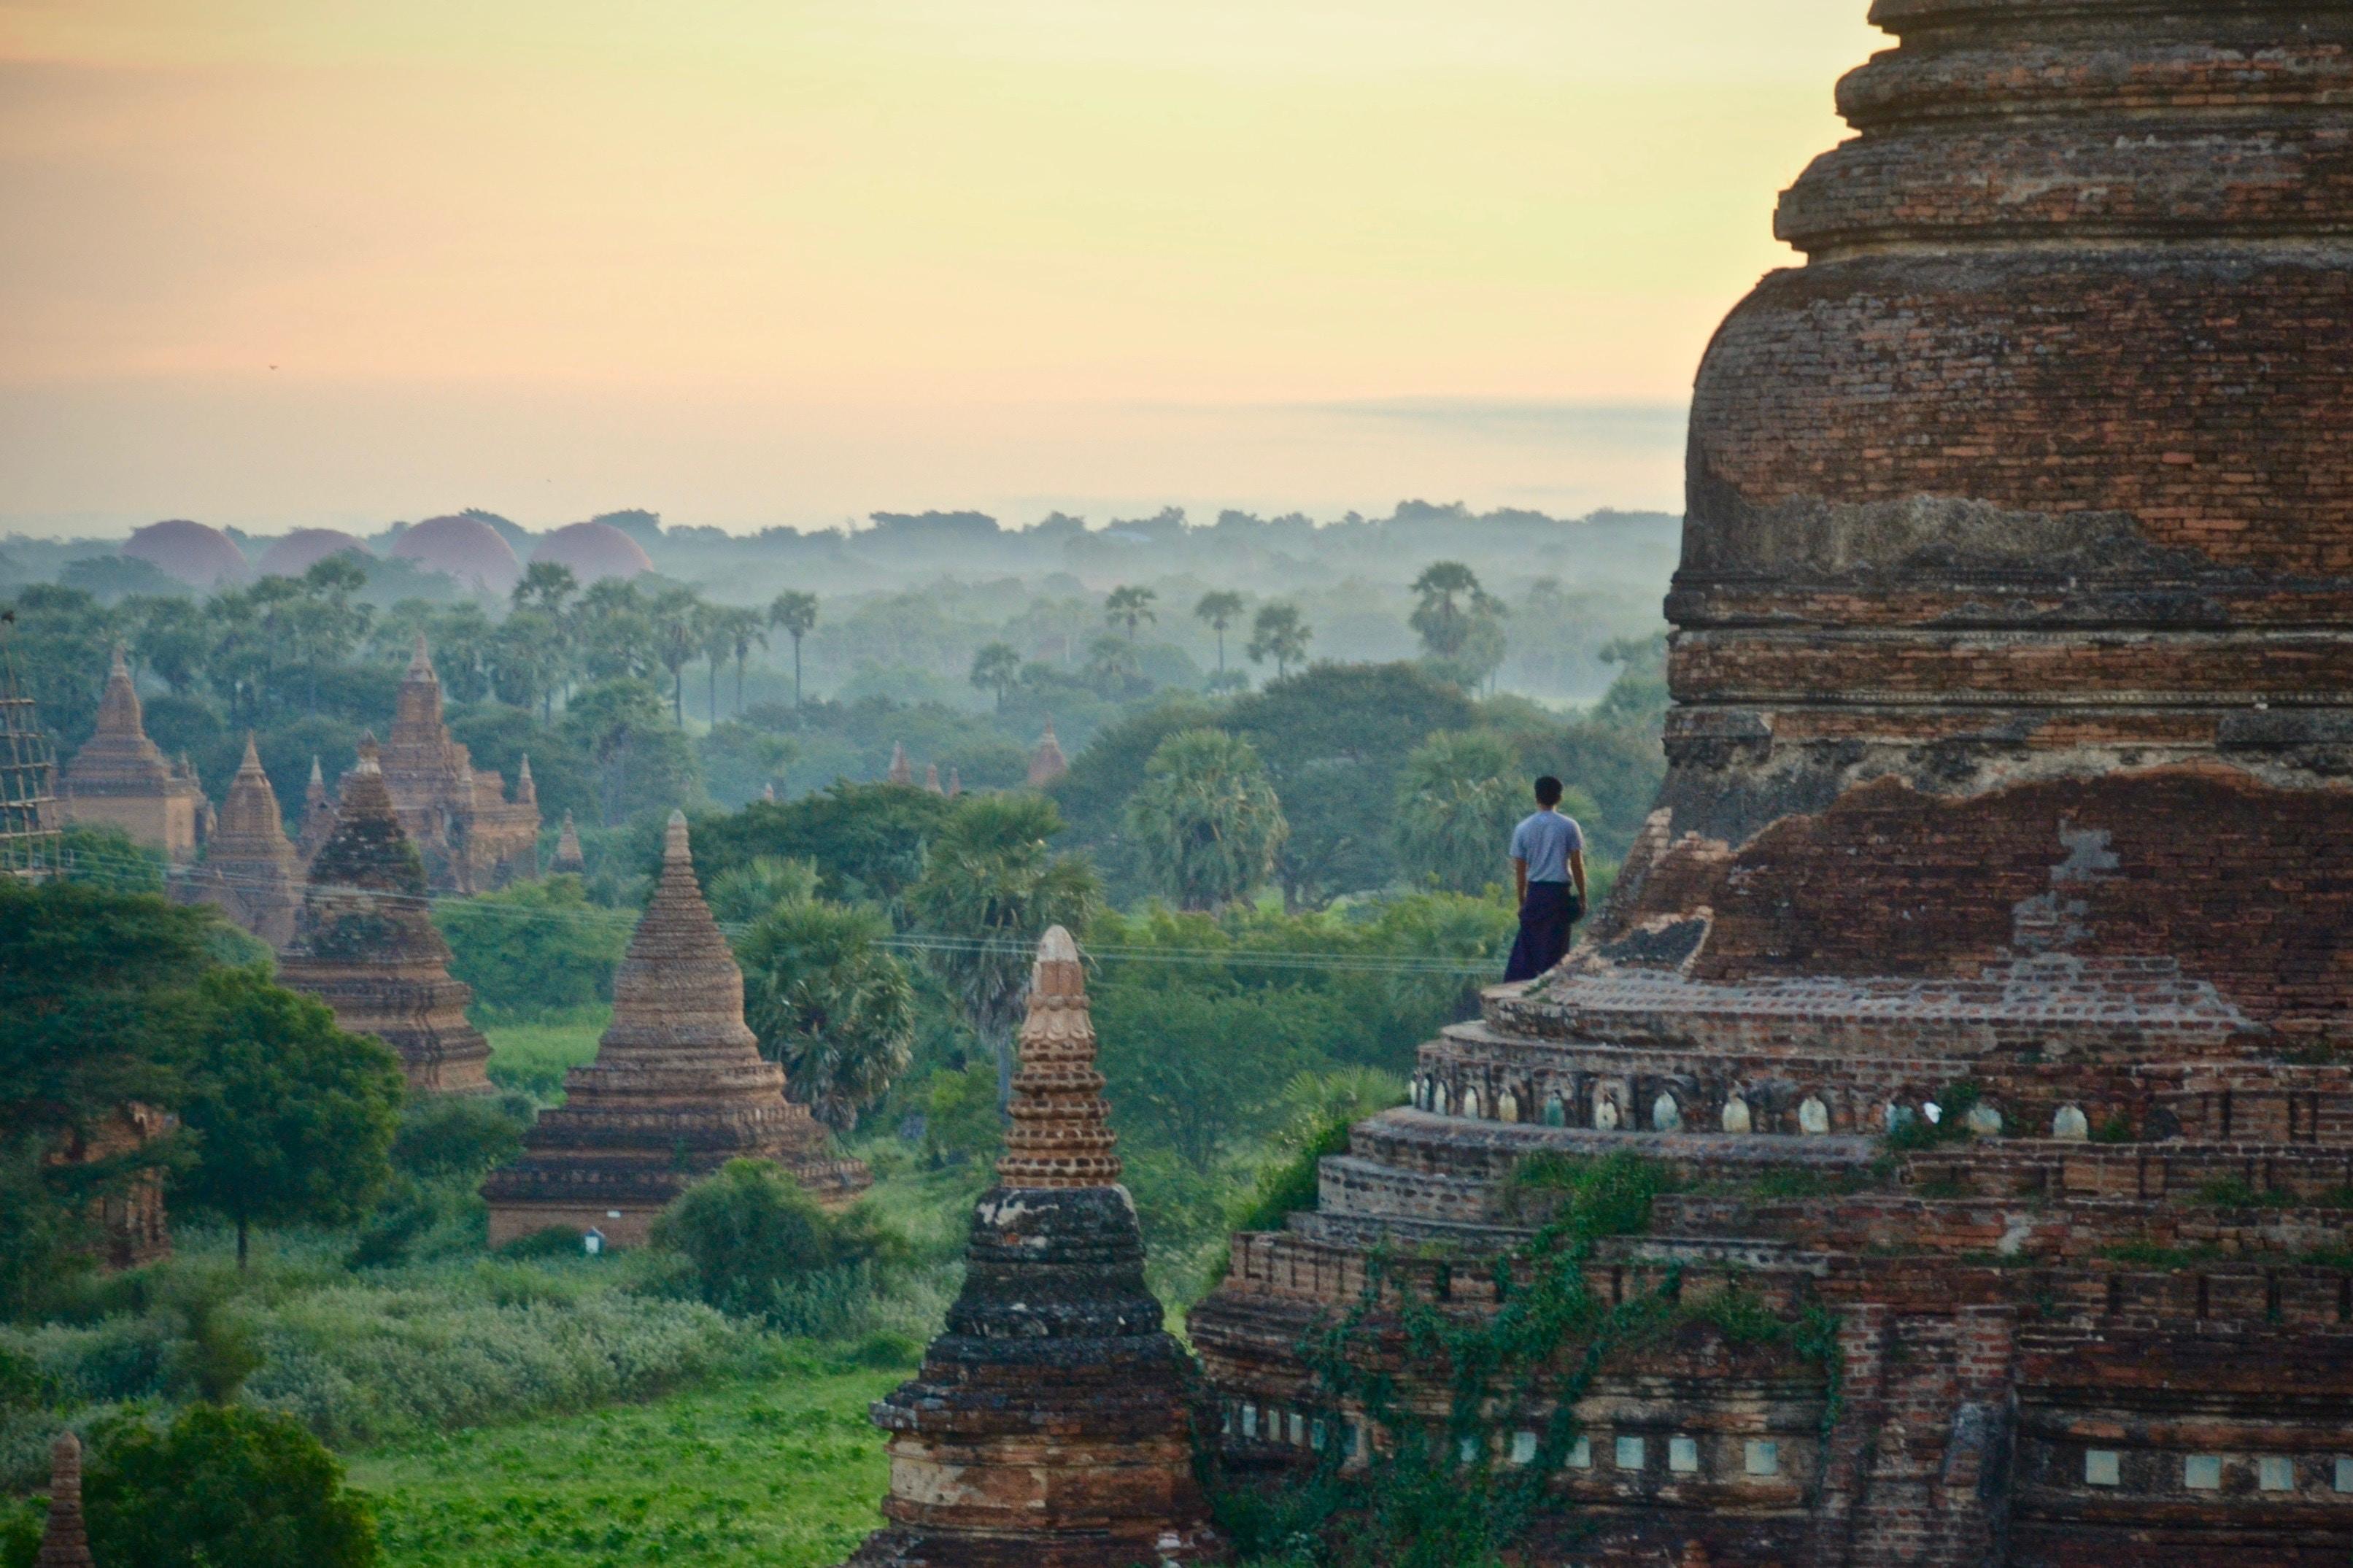 Sunset at Bagan Pagodas